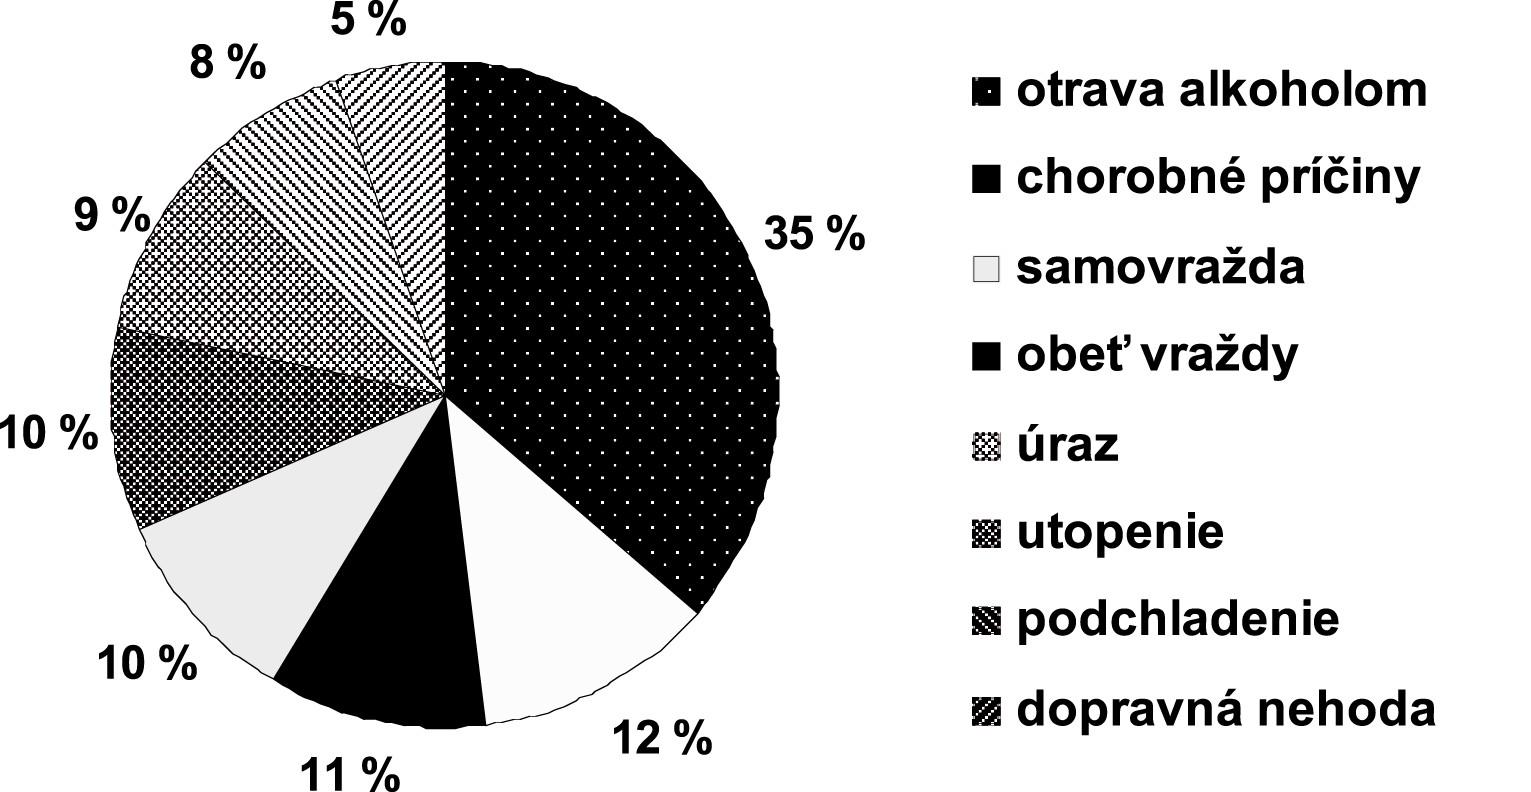 Príčina smrti žien s koncentráciou alkoholu v krvi nad 2 g/kg (promile)